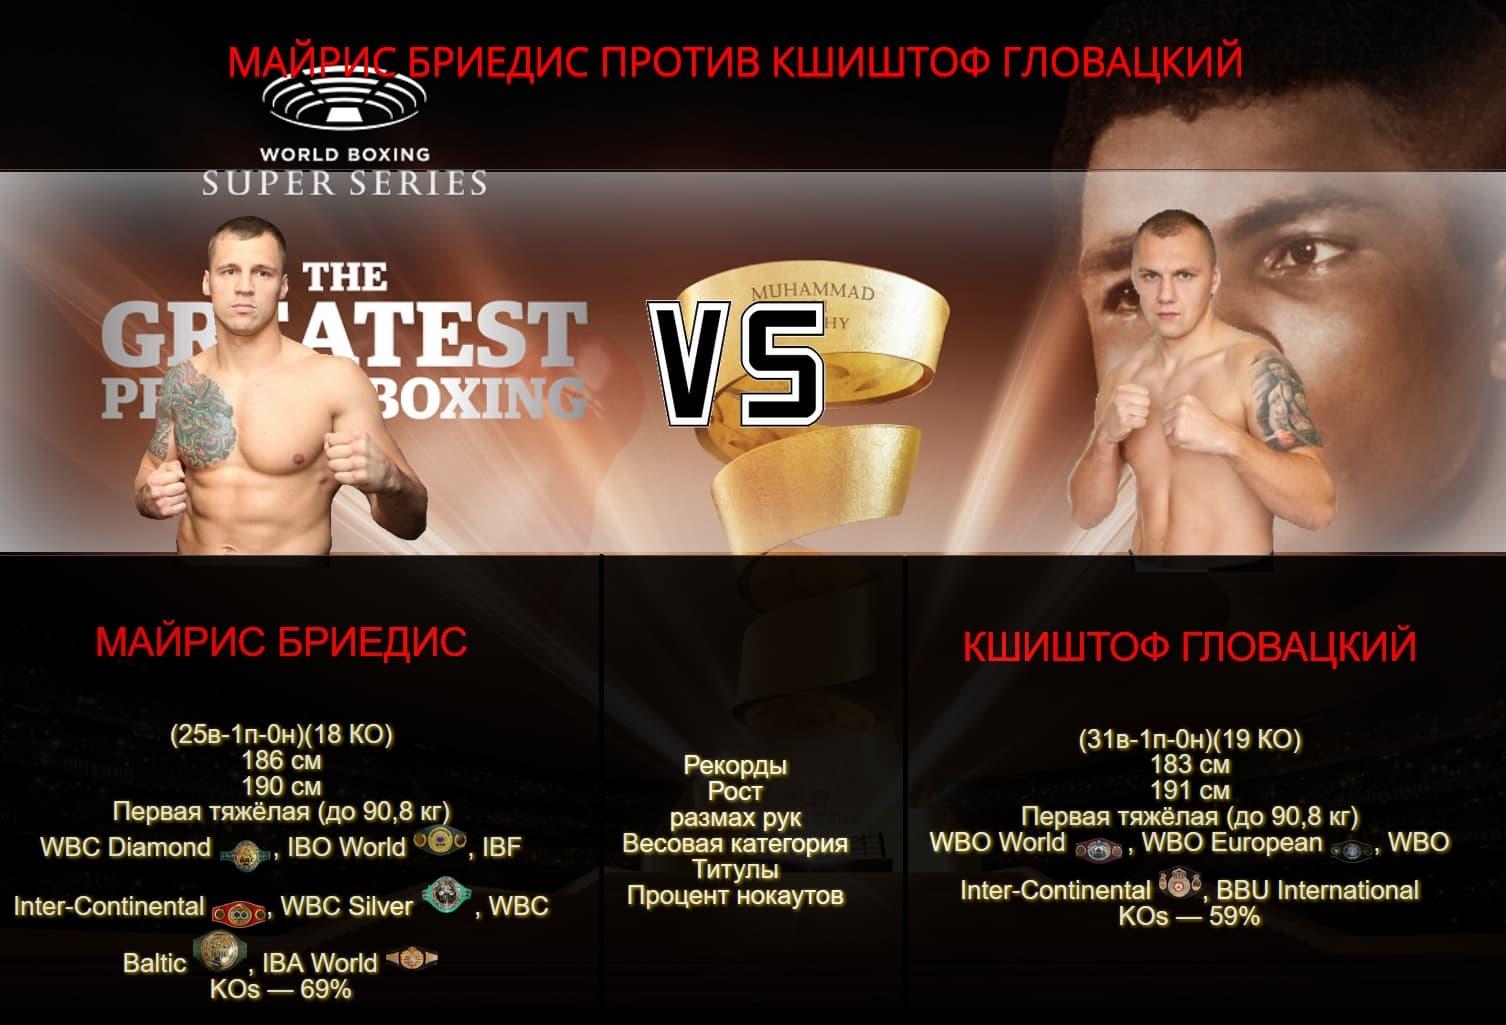 Майрис Бриедис - Кшиштоф Гловацкий - полуфинал 2го сезона всемирной боксерской суперсерии